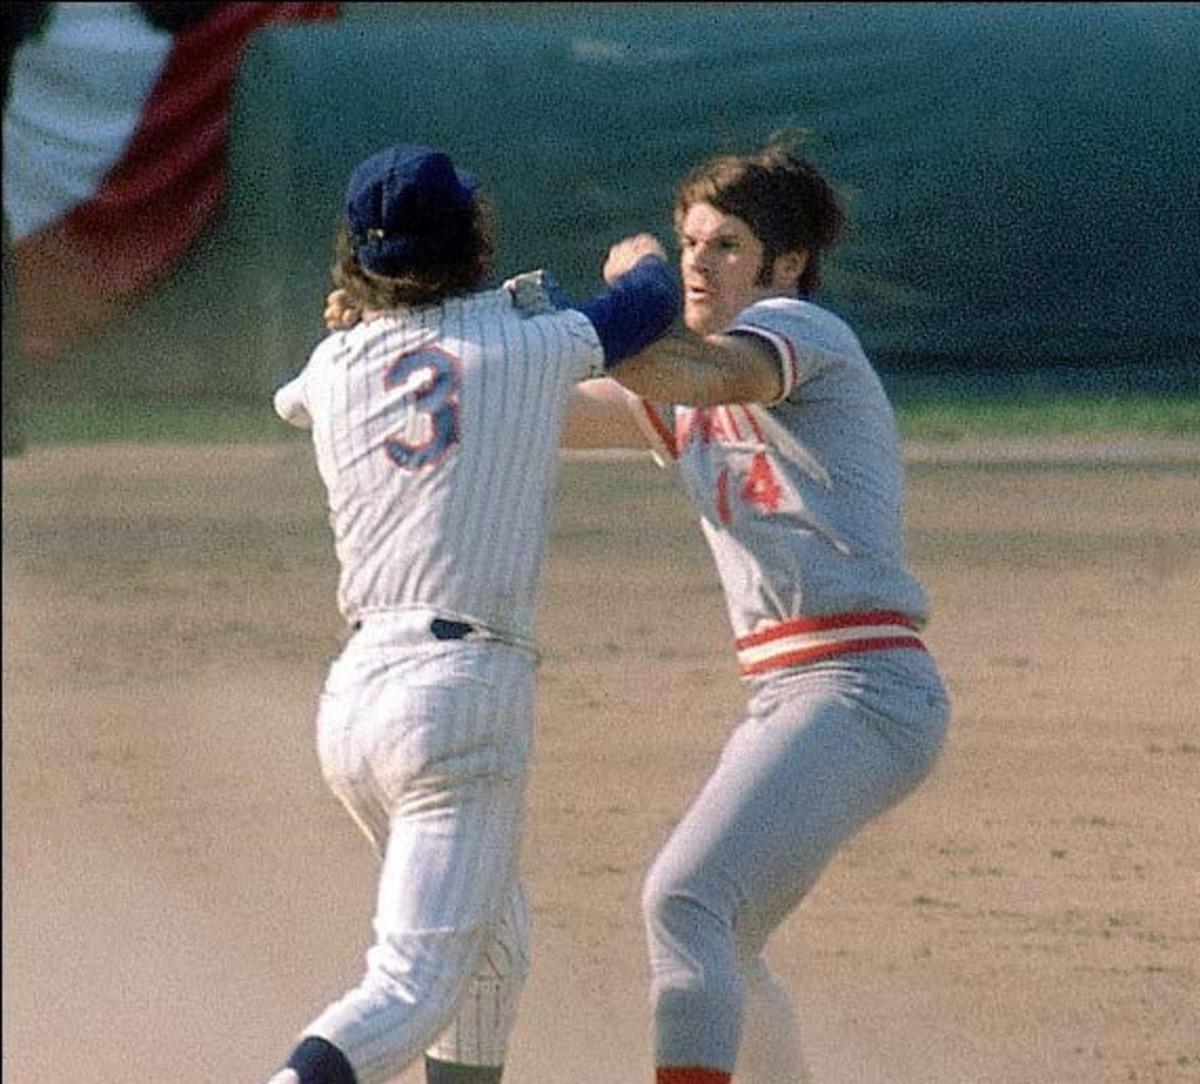 October 8, 1973. Game 3.Bud Harrelson took offense to Rose's hard slide.